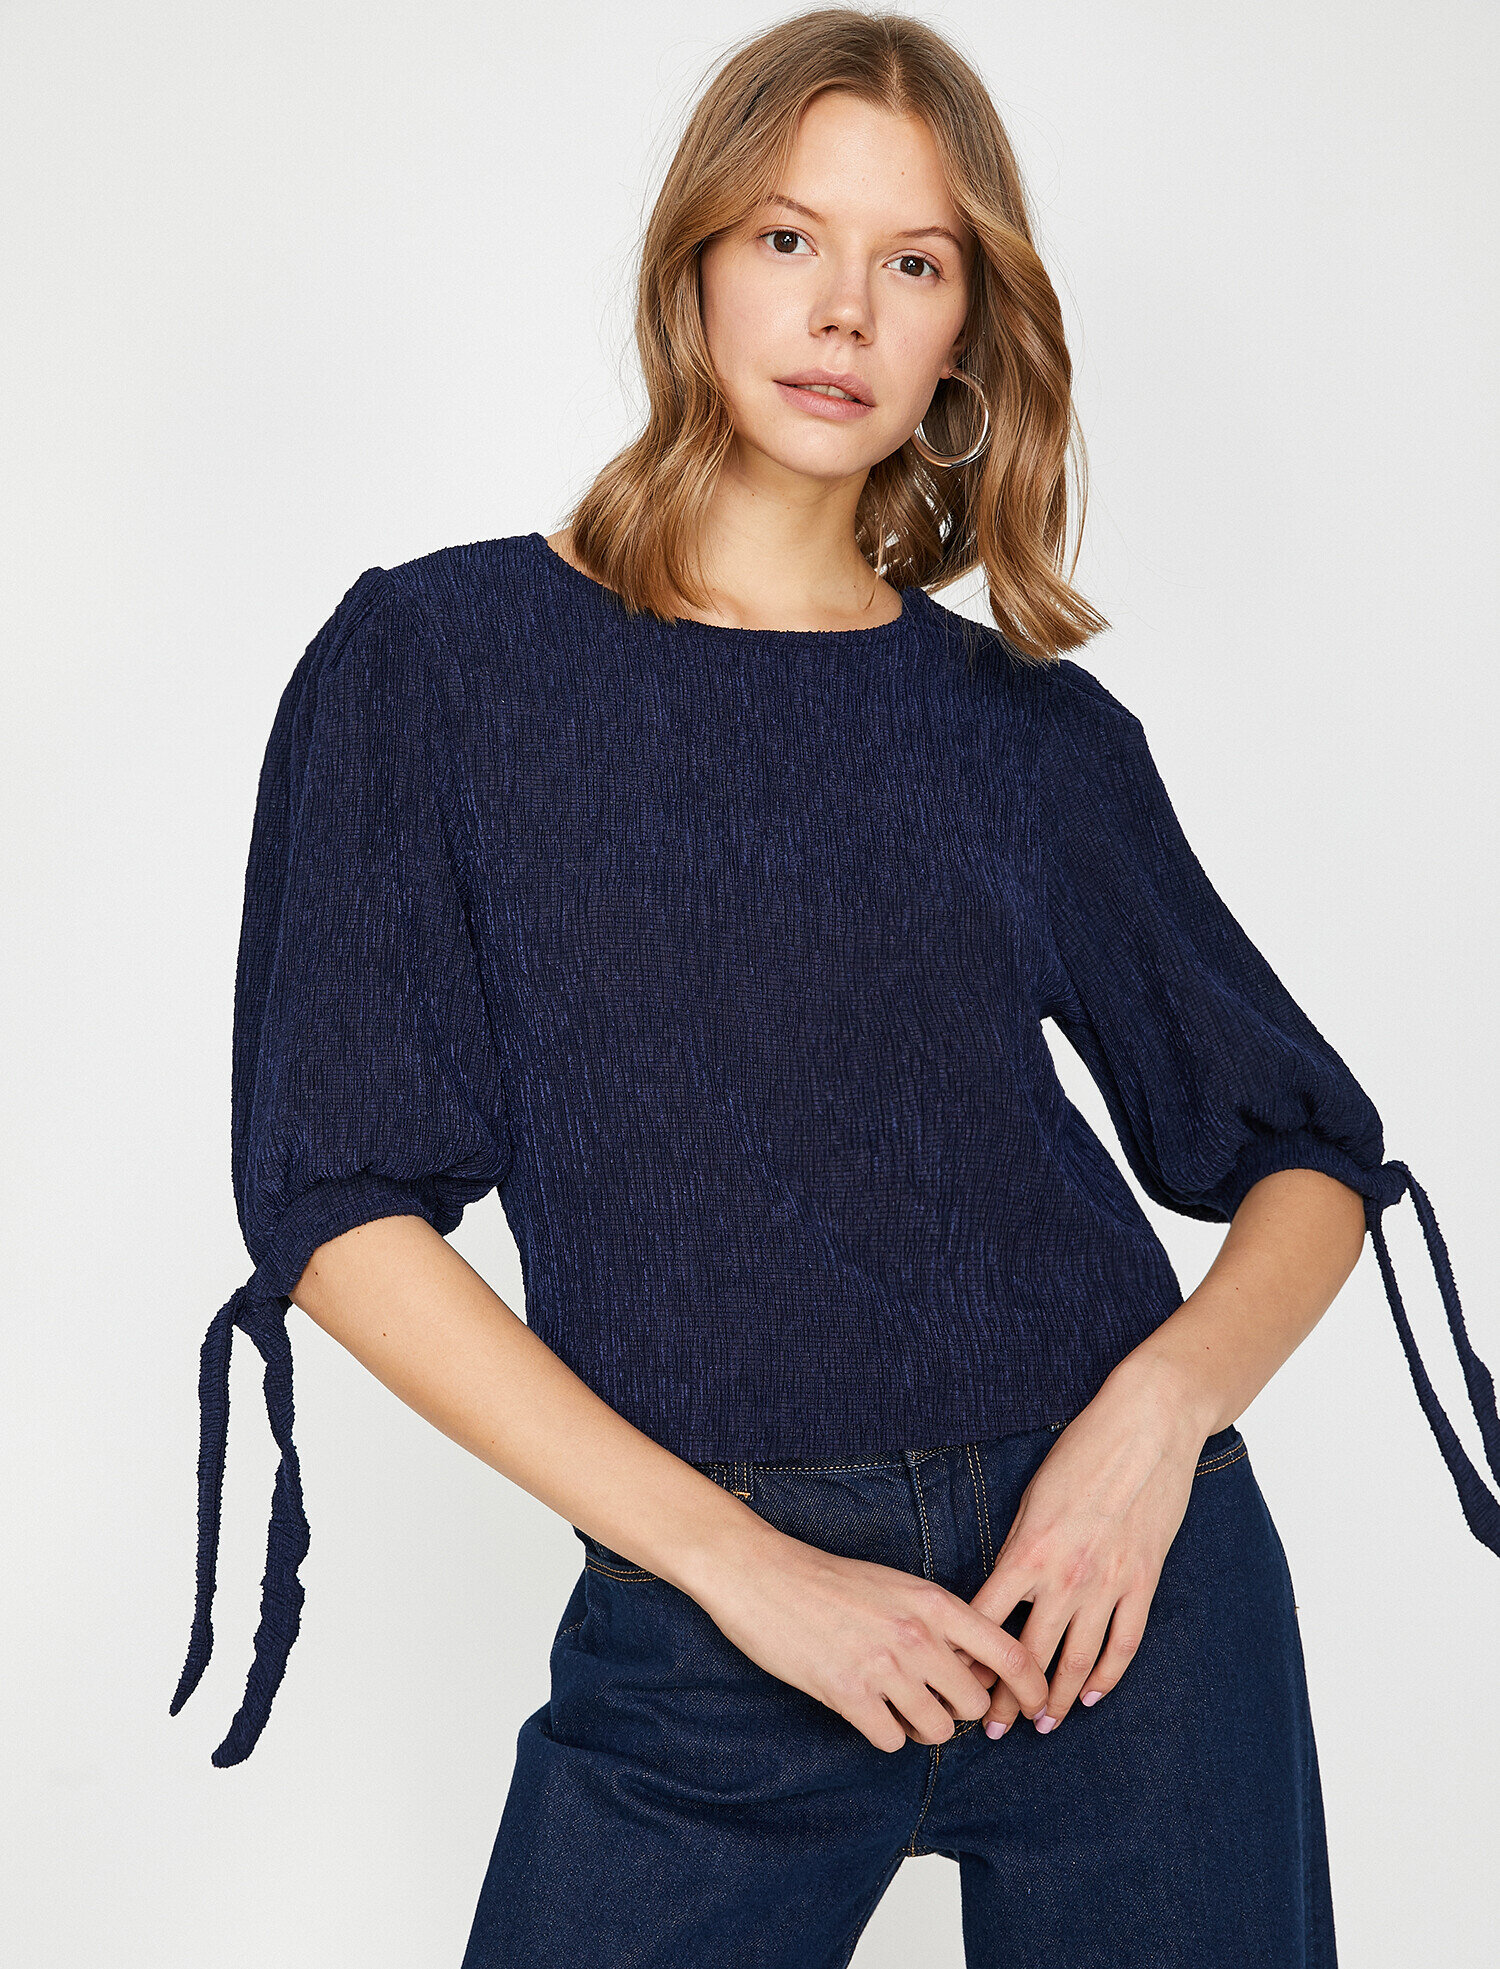 Koton Kadın Kol Detayli T-Shirt Lacivert Ürün Resmi